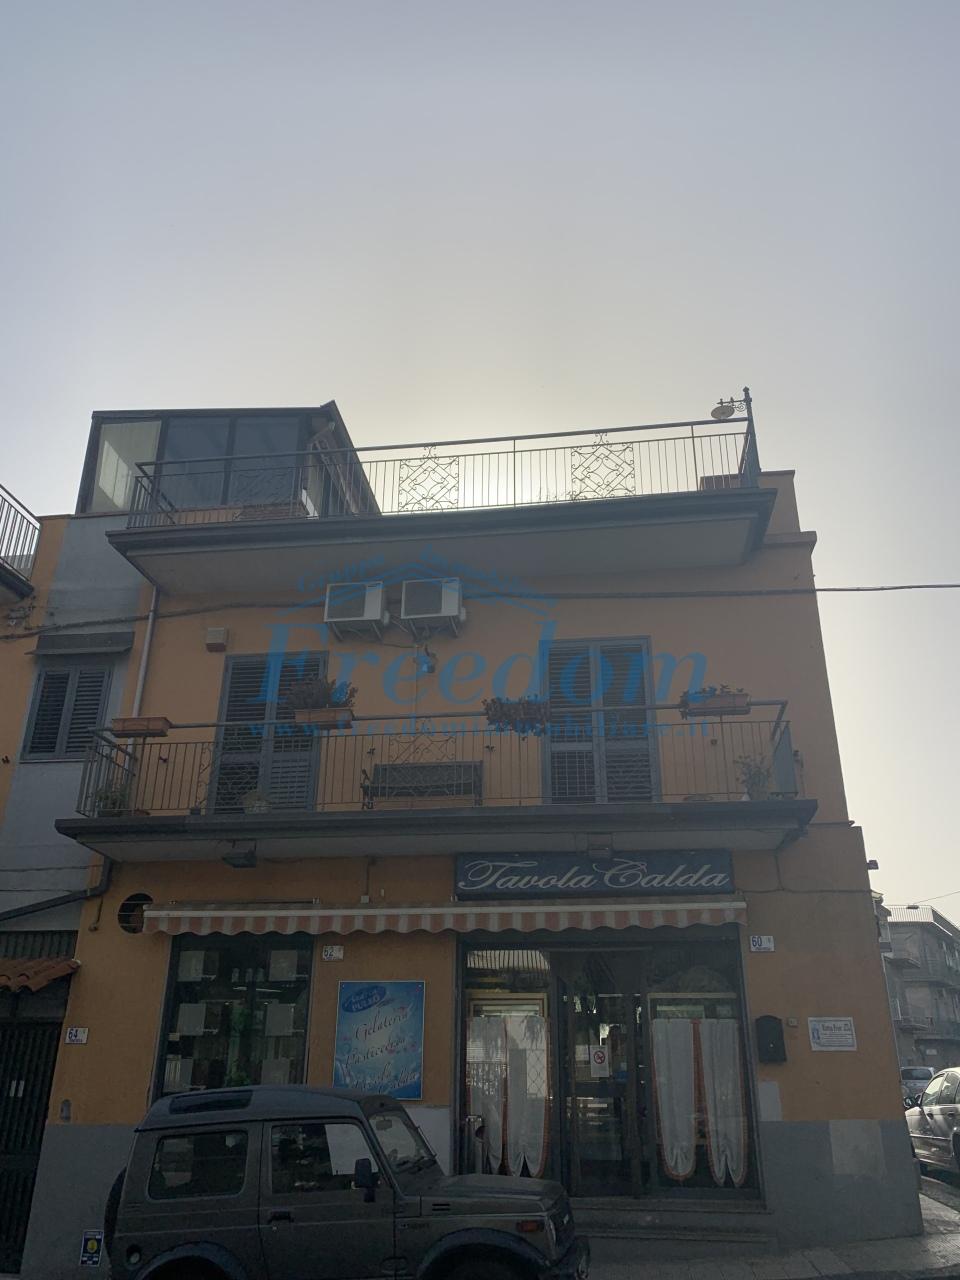 Attico / Mansarda in vendita a Motta Sant'Anastasia, 2 locali, prezzo € 75.000   PortaleAgenzieImmobiliari.it